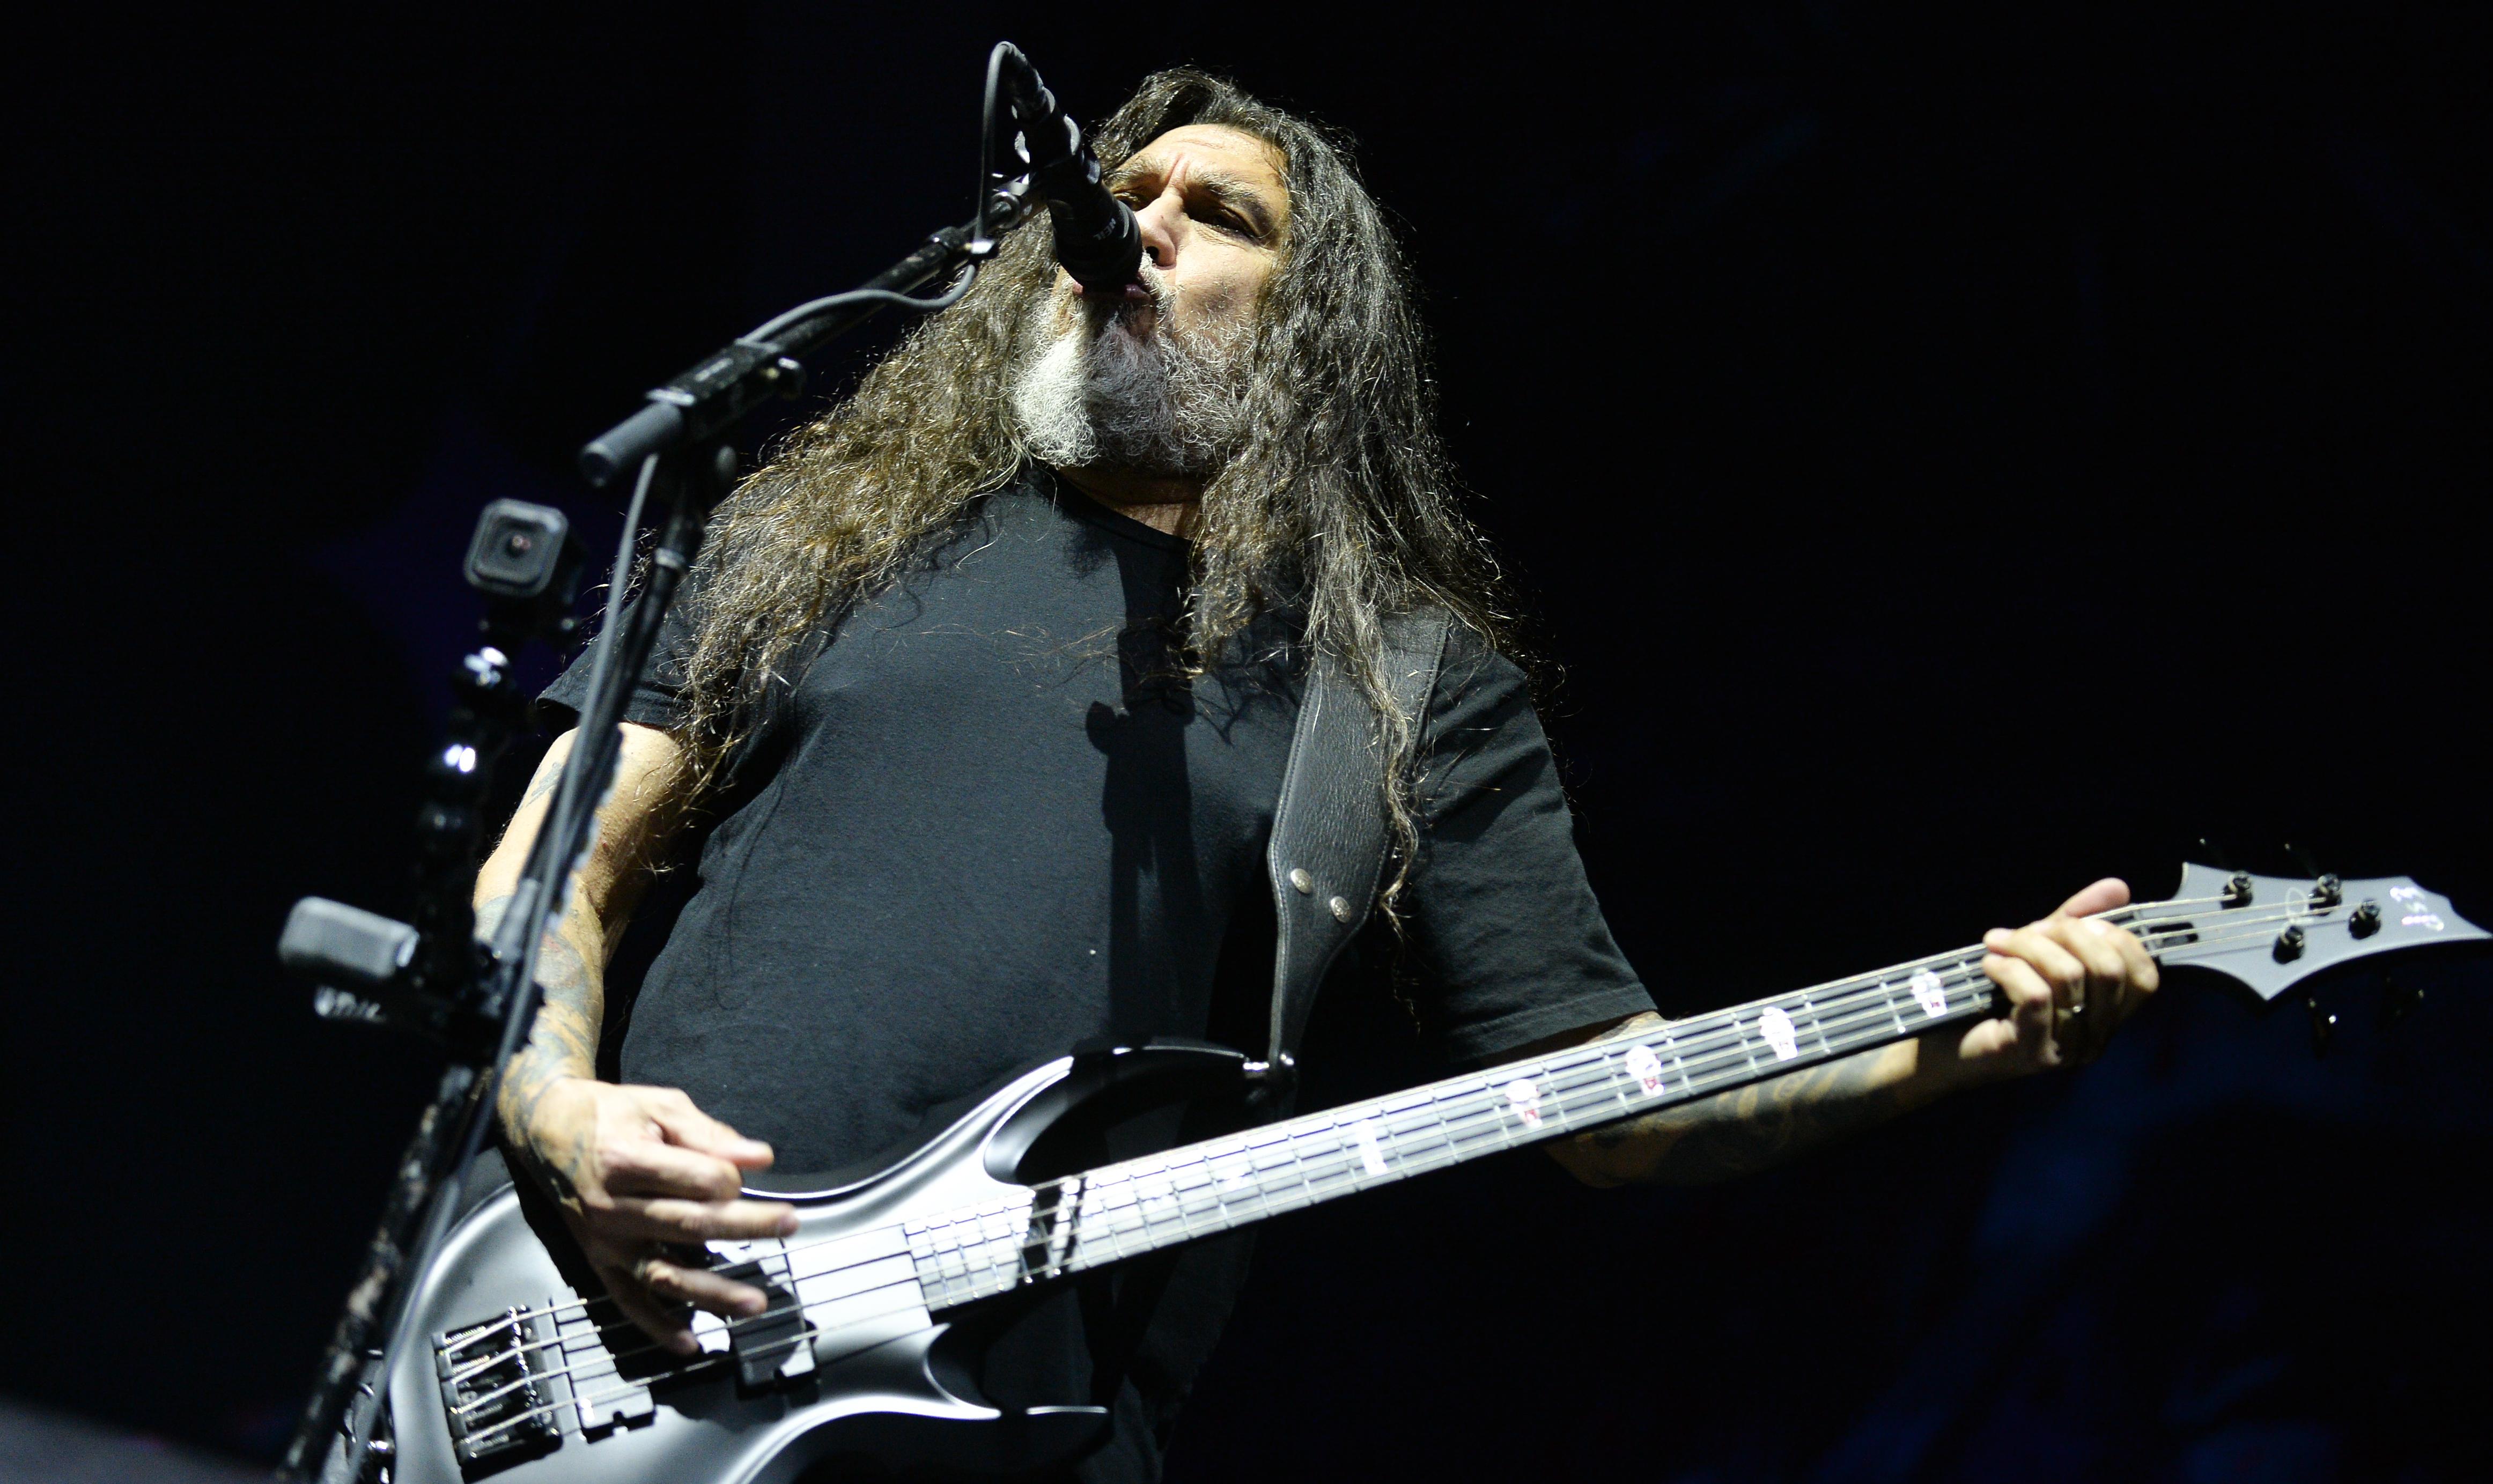 Kidobtak egy nézőt a Slayer koncertjéről, mert leköpte az énekest